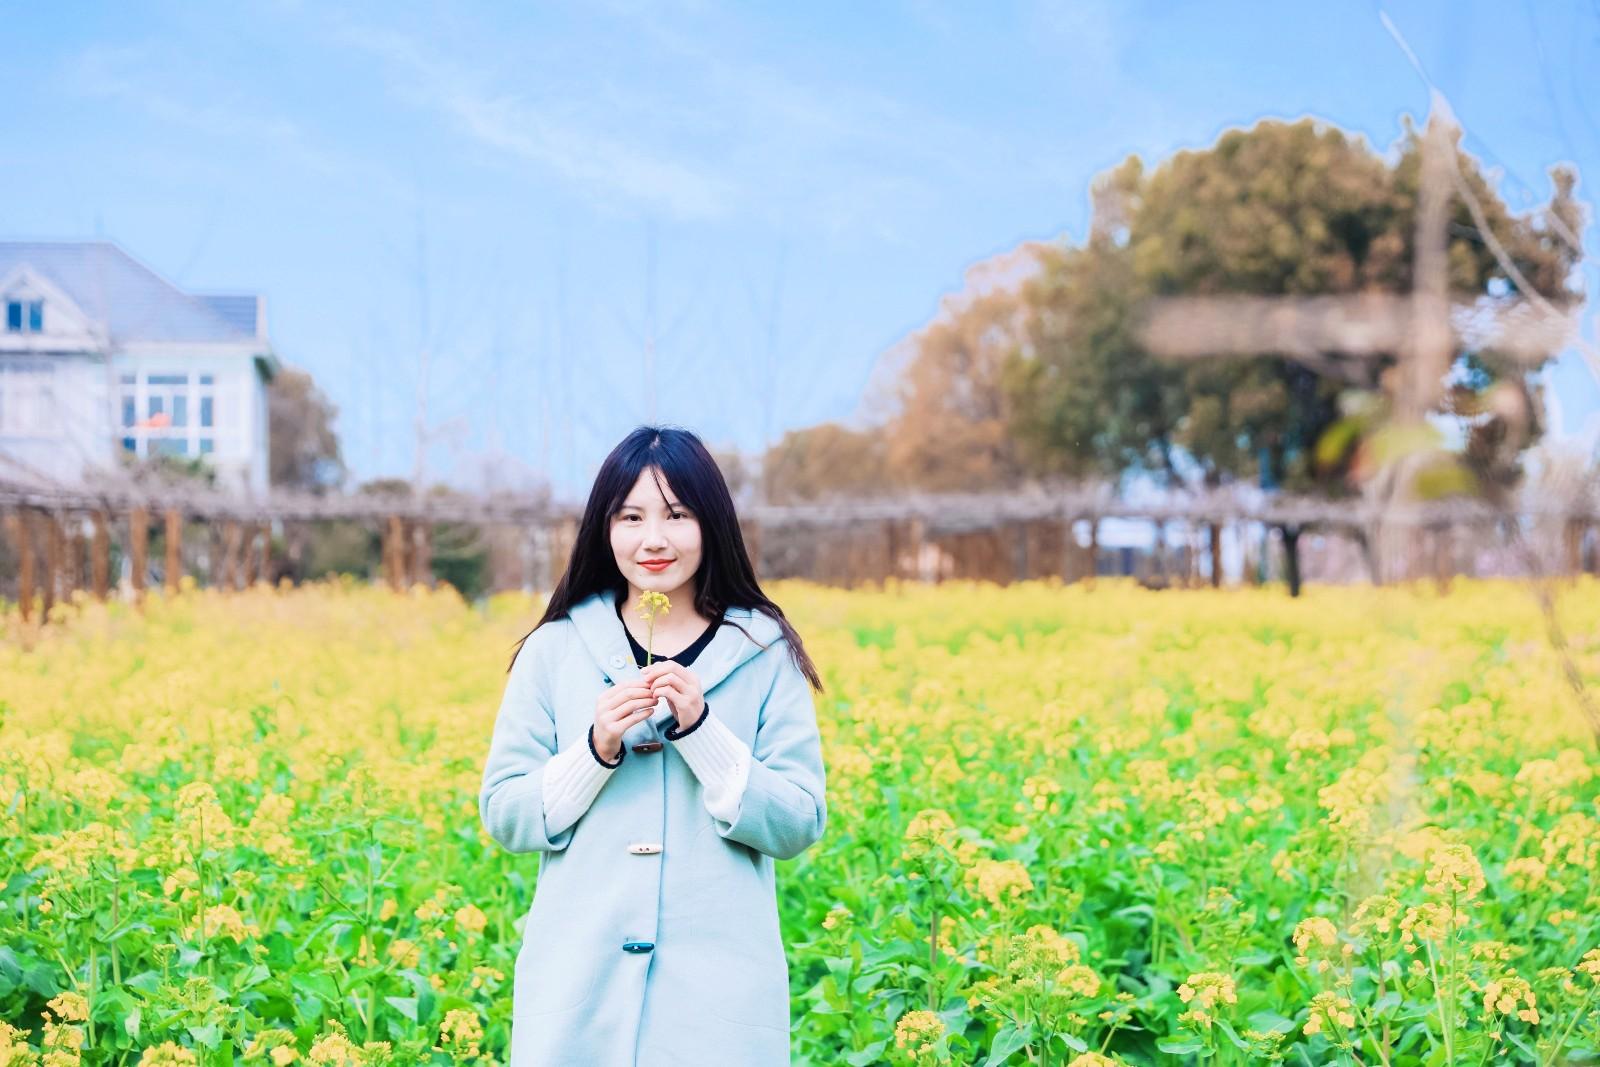 花与江南,三月人间‖爱上春天,从兴化那片明媚油菜花开始